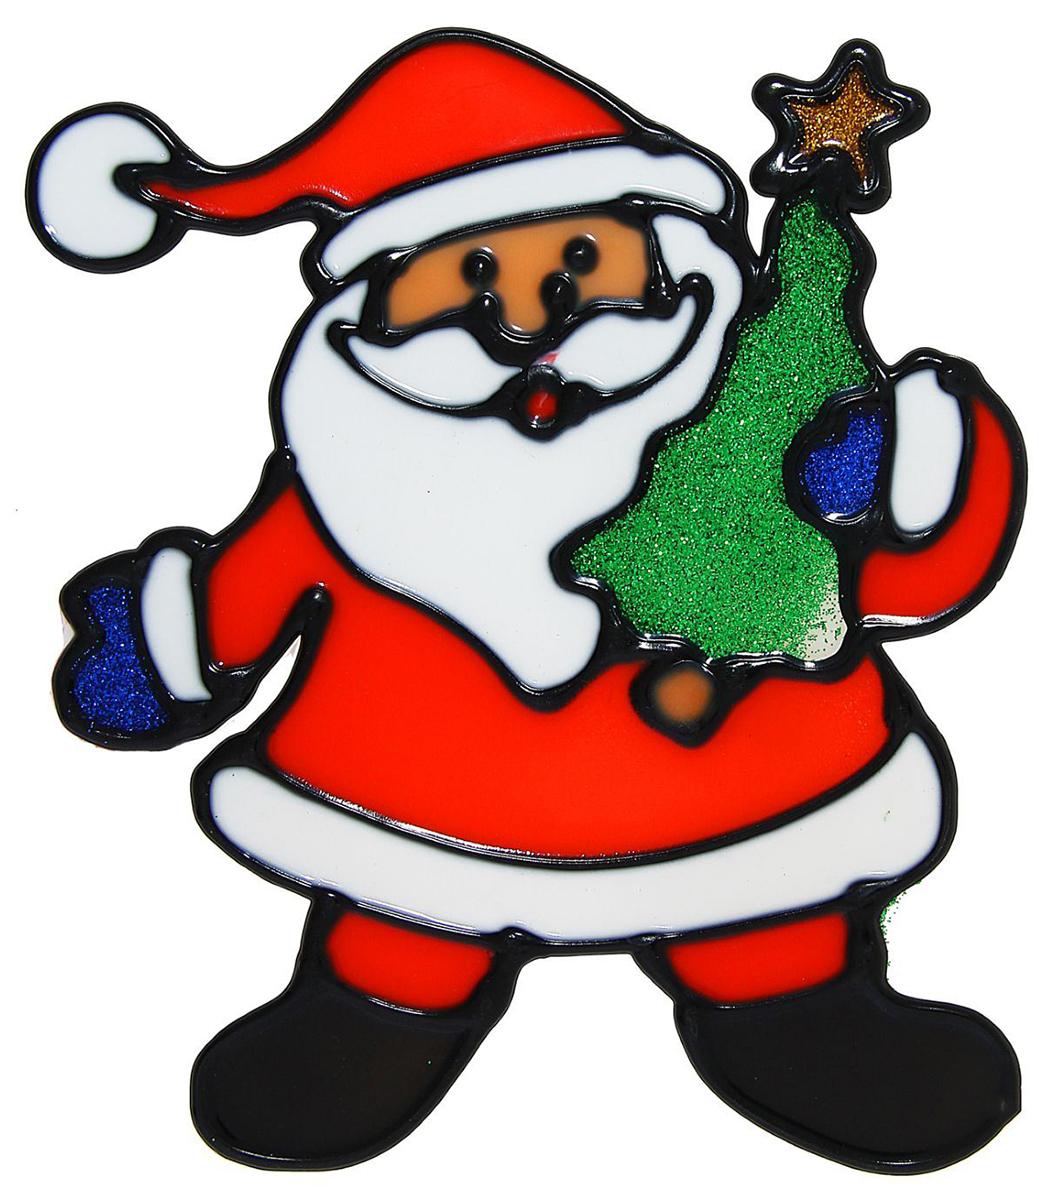 Наклейка на стекло Веселый Дед Мороз с елкой1113553Зимой не только мороз украшает стекла узорами. Сделайте интерьер еще торжественней: преобразите его с помощью специальных наклеек! Декор из силикона не содержит клей и не оставляет следов. Пластичная фигурка сама прилипает к гладкой поверхности, а в конце зимних праздников ее легко снять и отложить до следующего года. Прикрепите на стекло или зеркало одно украшение или создайте целую композицию. Новогодние наклейки приблизят праздничное настроение!